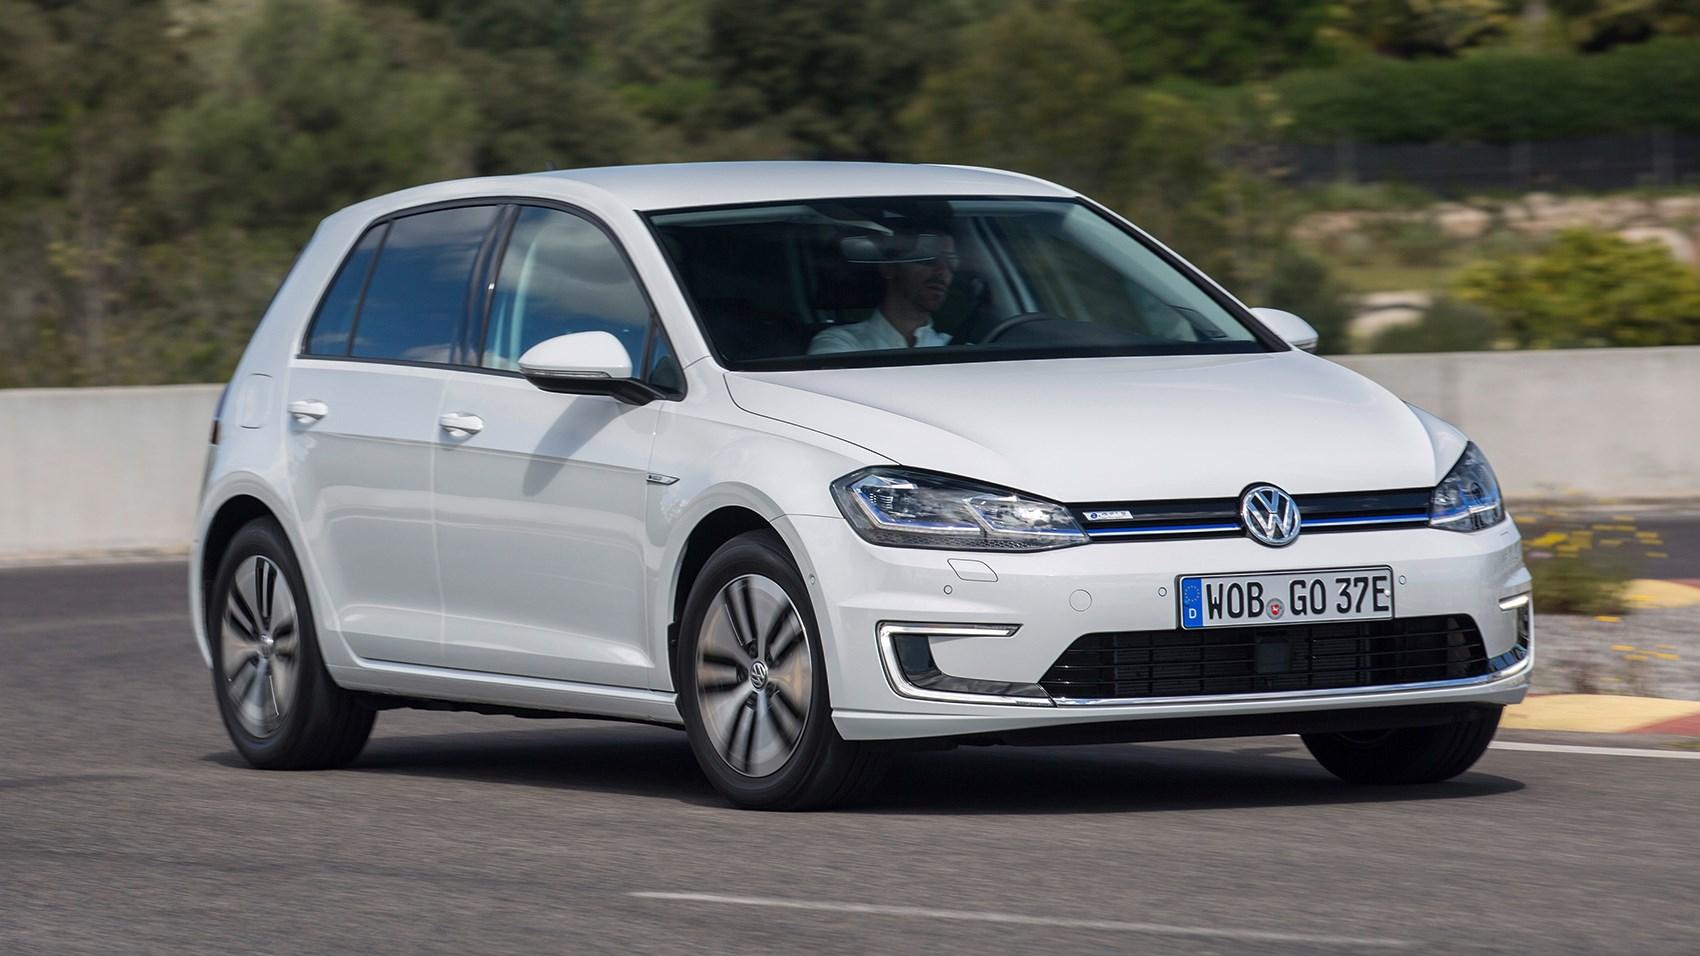 VW vw e golf specs : 2017 VW e-Golf review by CAR Magazine